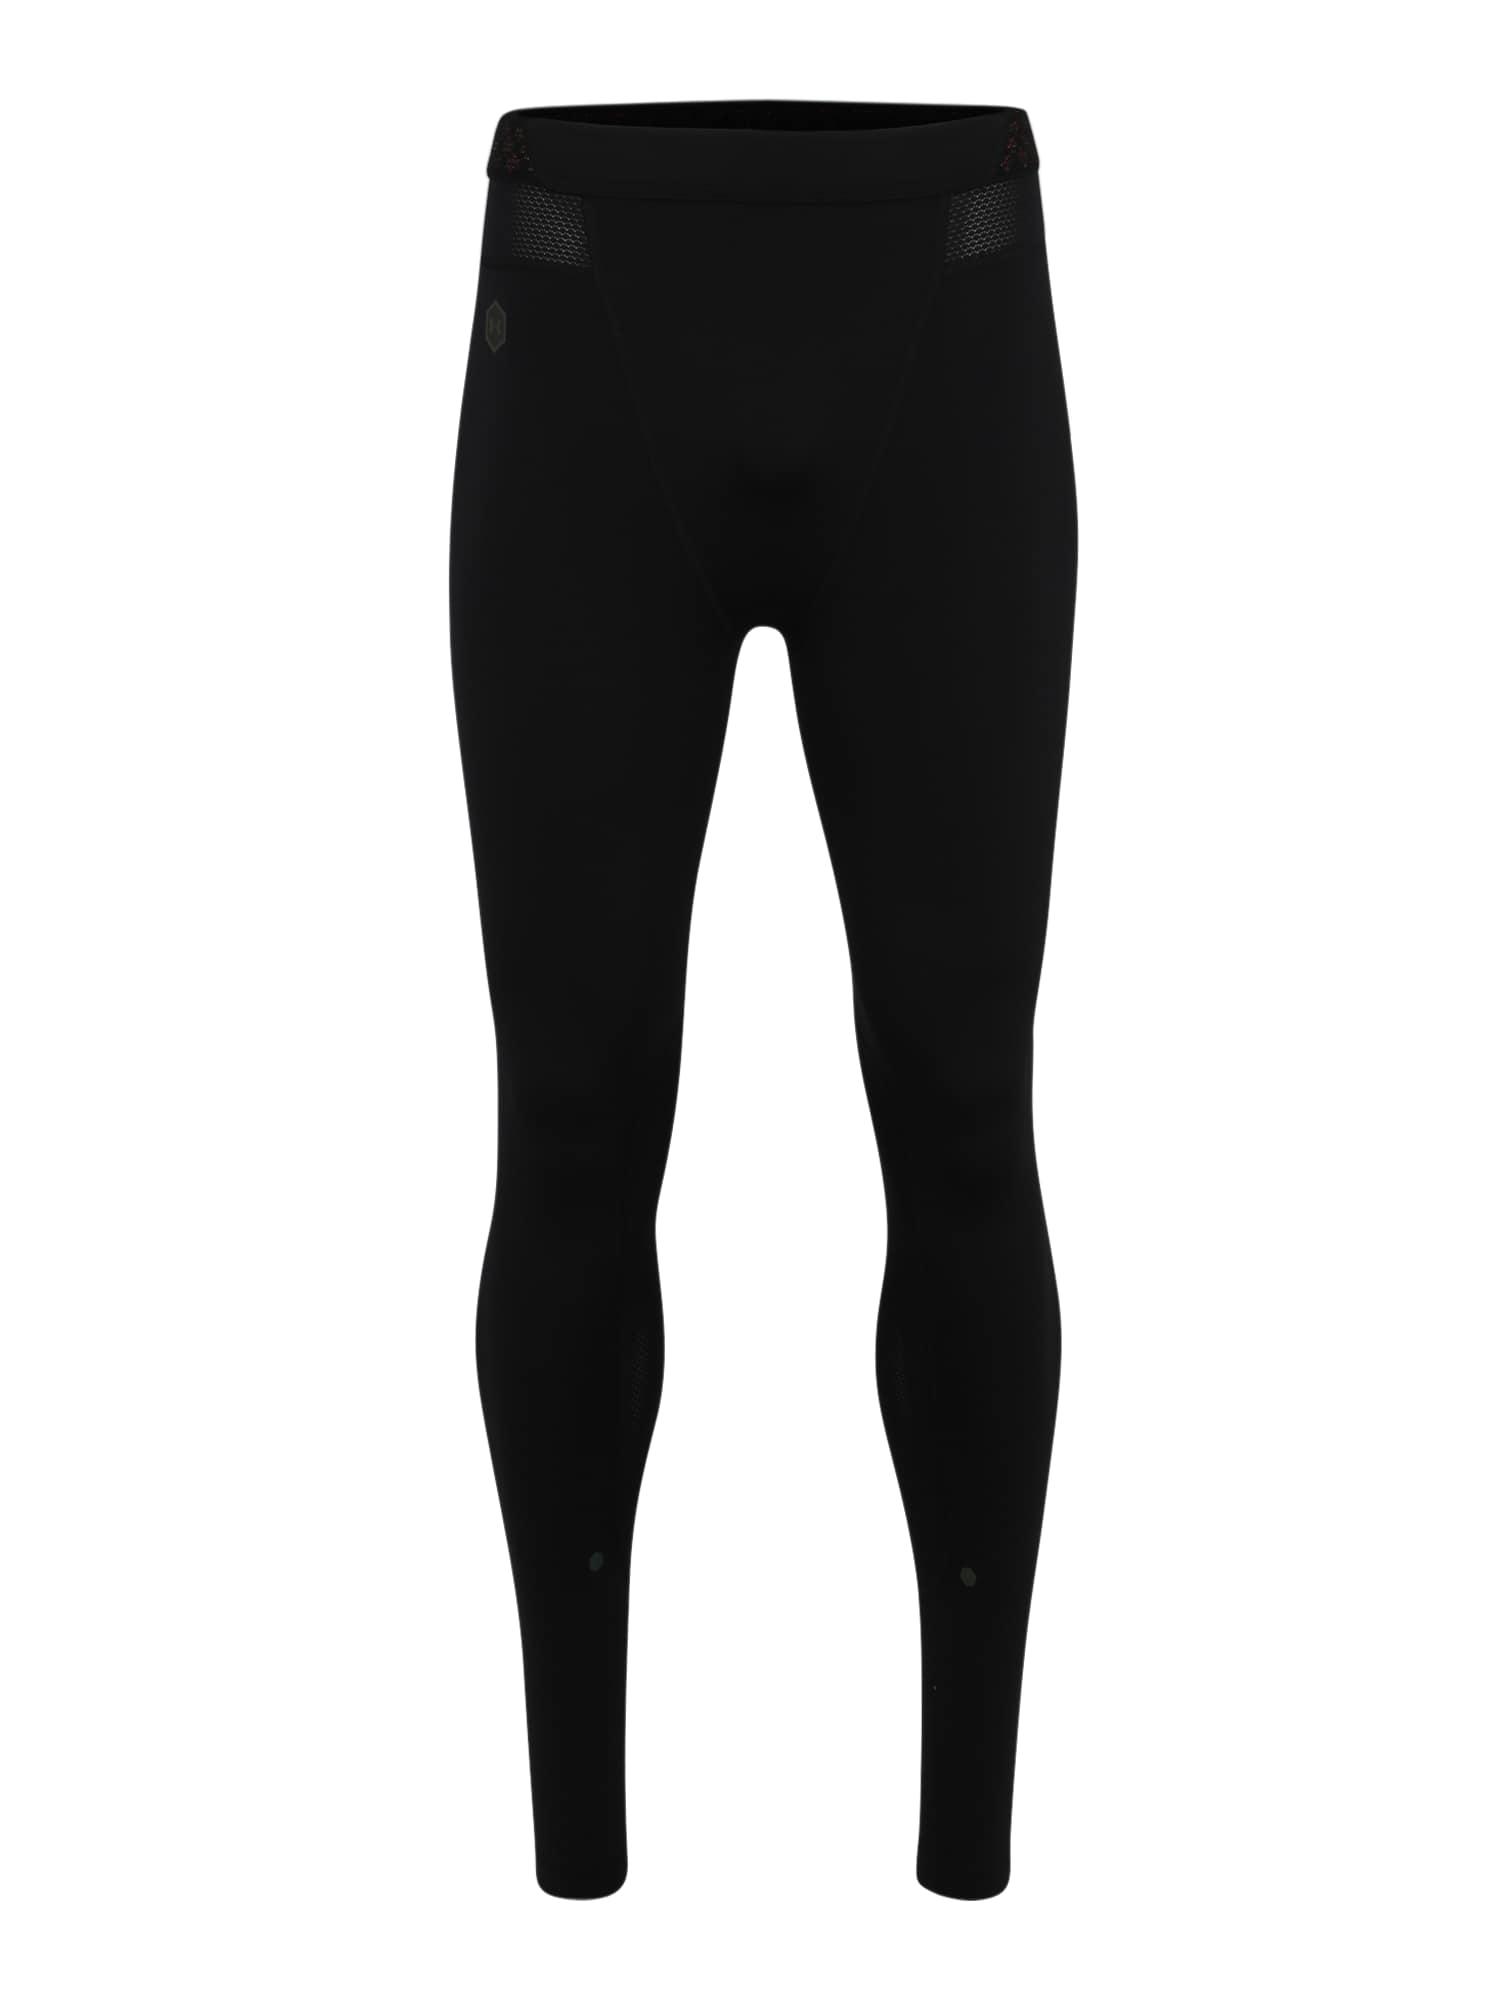 UNDER ARMOUR Sportinės kelnės juoda